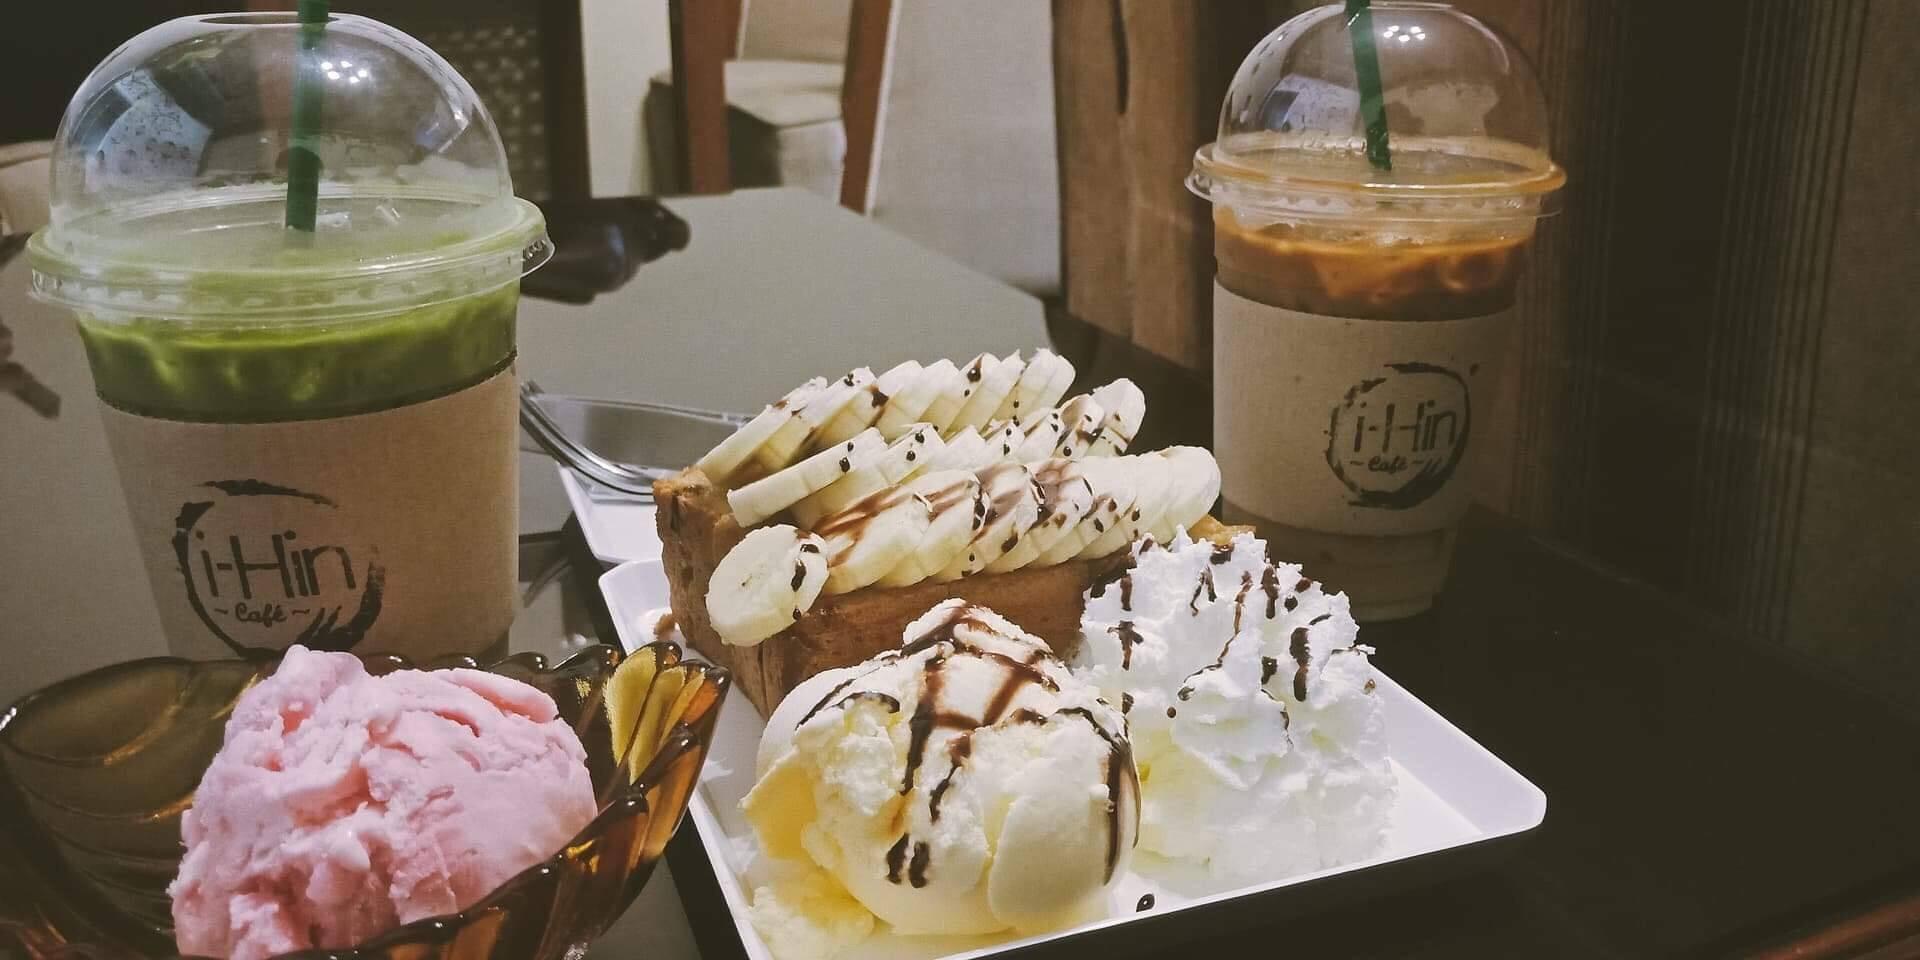 i-Hin Cafe